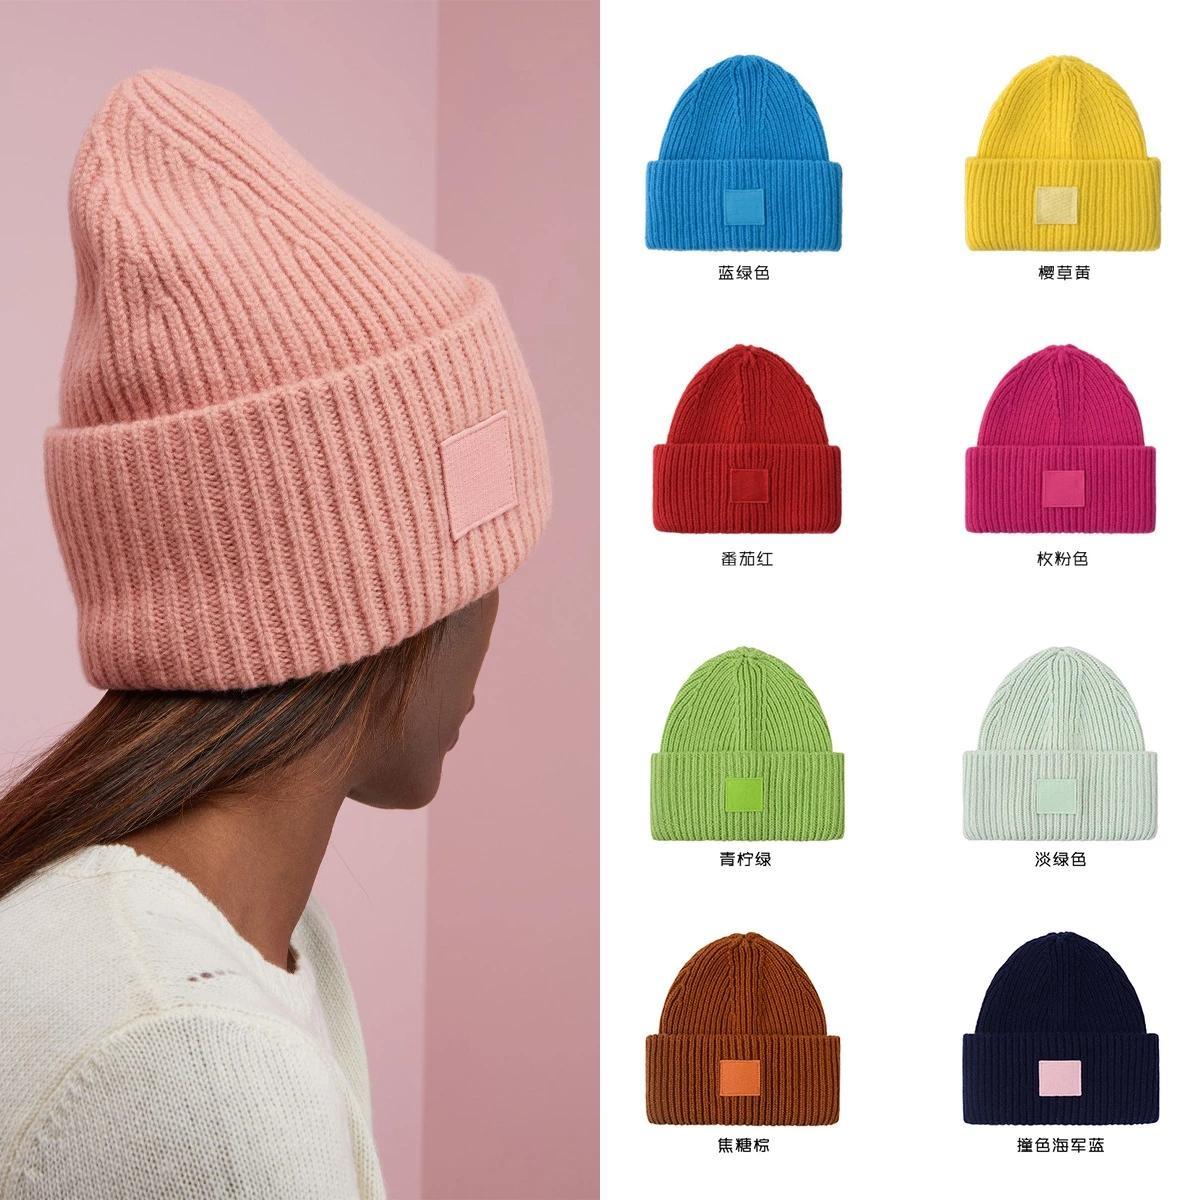 Verastor New Winter Hüte Massivfarbe Wolle Strick Beanie Frauen Casual Hut Warme Frau Weiche Verdicken Sicherungskappe Slouchy Motorhaube